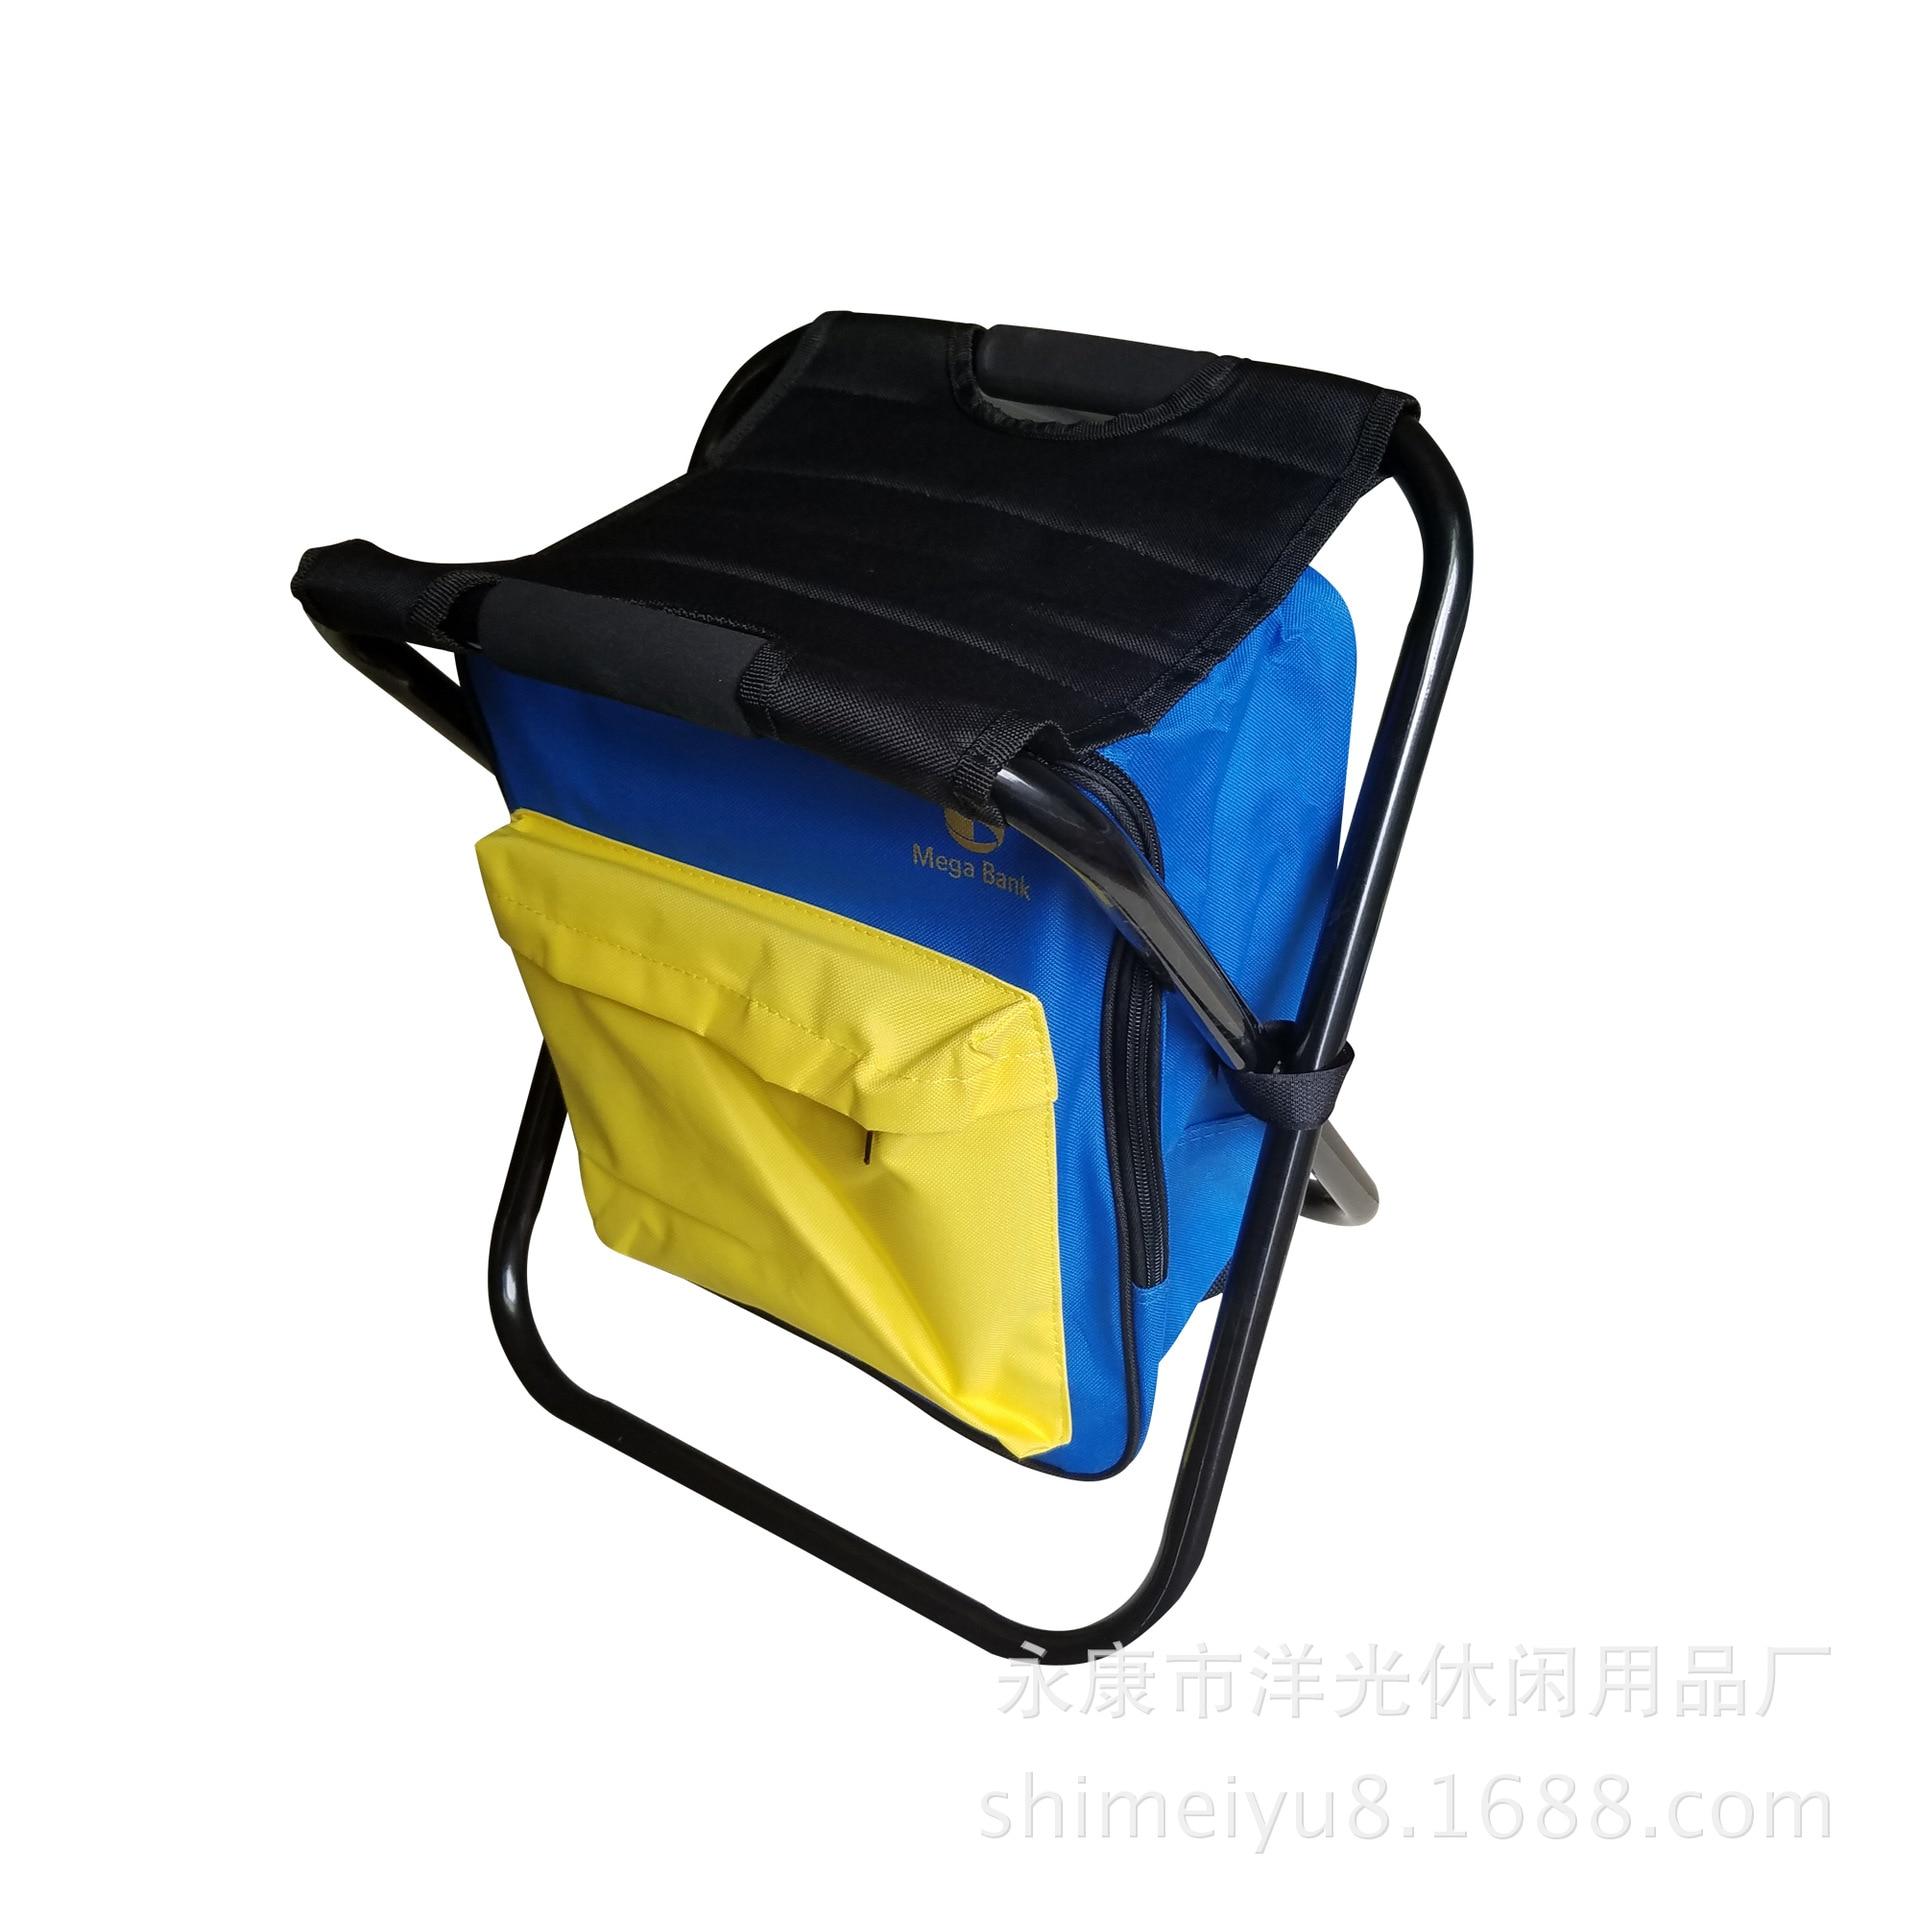 Yang guang Повседневный открытый складной рюкзак рыболовный стул многофункциональный походный рюкзак со стулом пляжное кресло